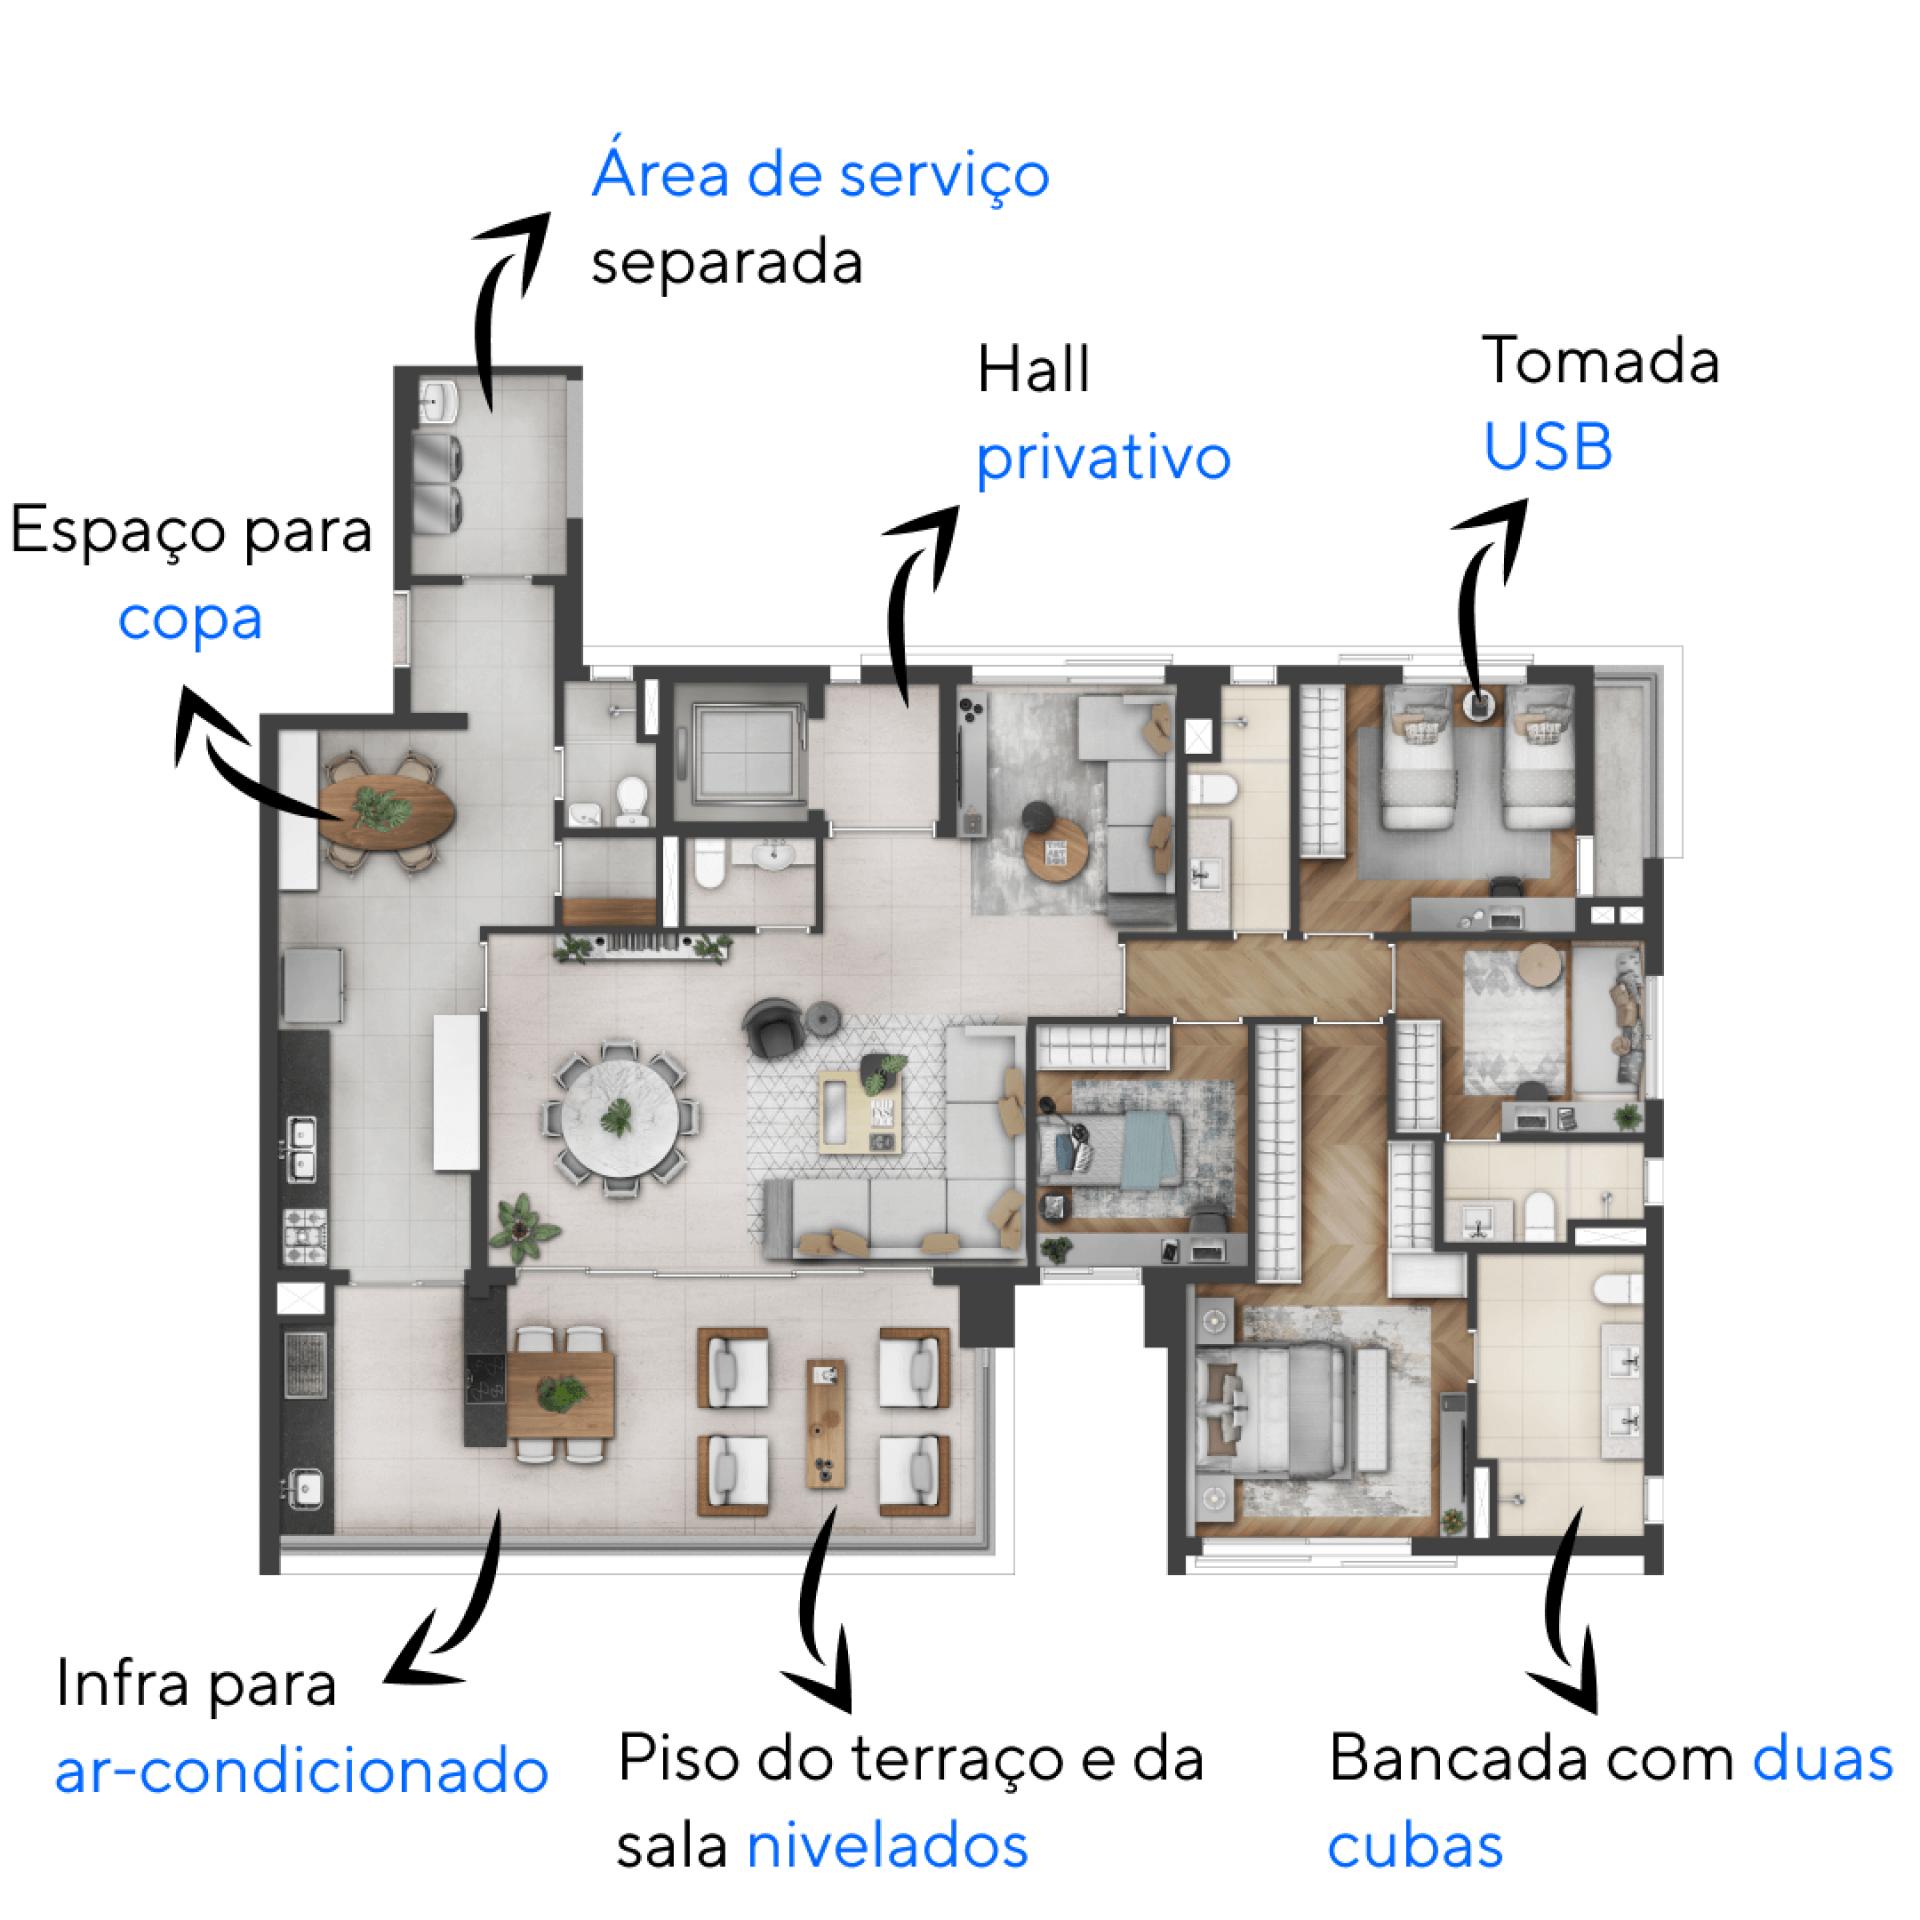 200 M² - 4 DORMITÓRIOS, SENDO 2 SUÍTES. Apartamentos do Praça Perdizes com espaço para closet na suíte master. A cozinha é um espaço completo que faz conexão com o terraço e possui copa, cuba dupla, ponto de triturador de alimentos e lava-louças.